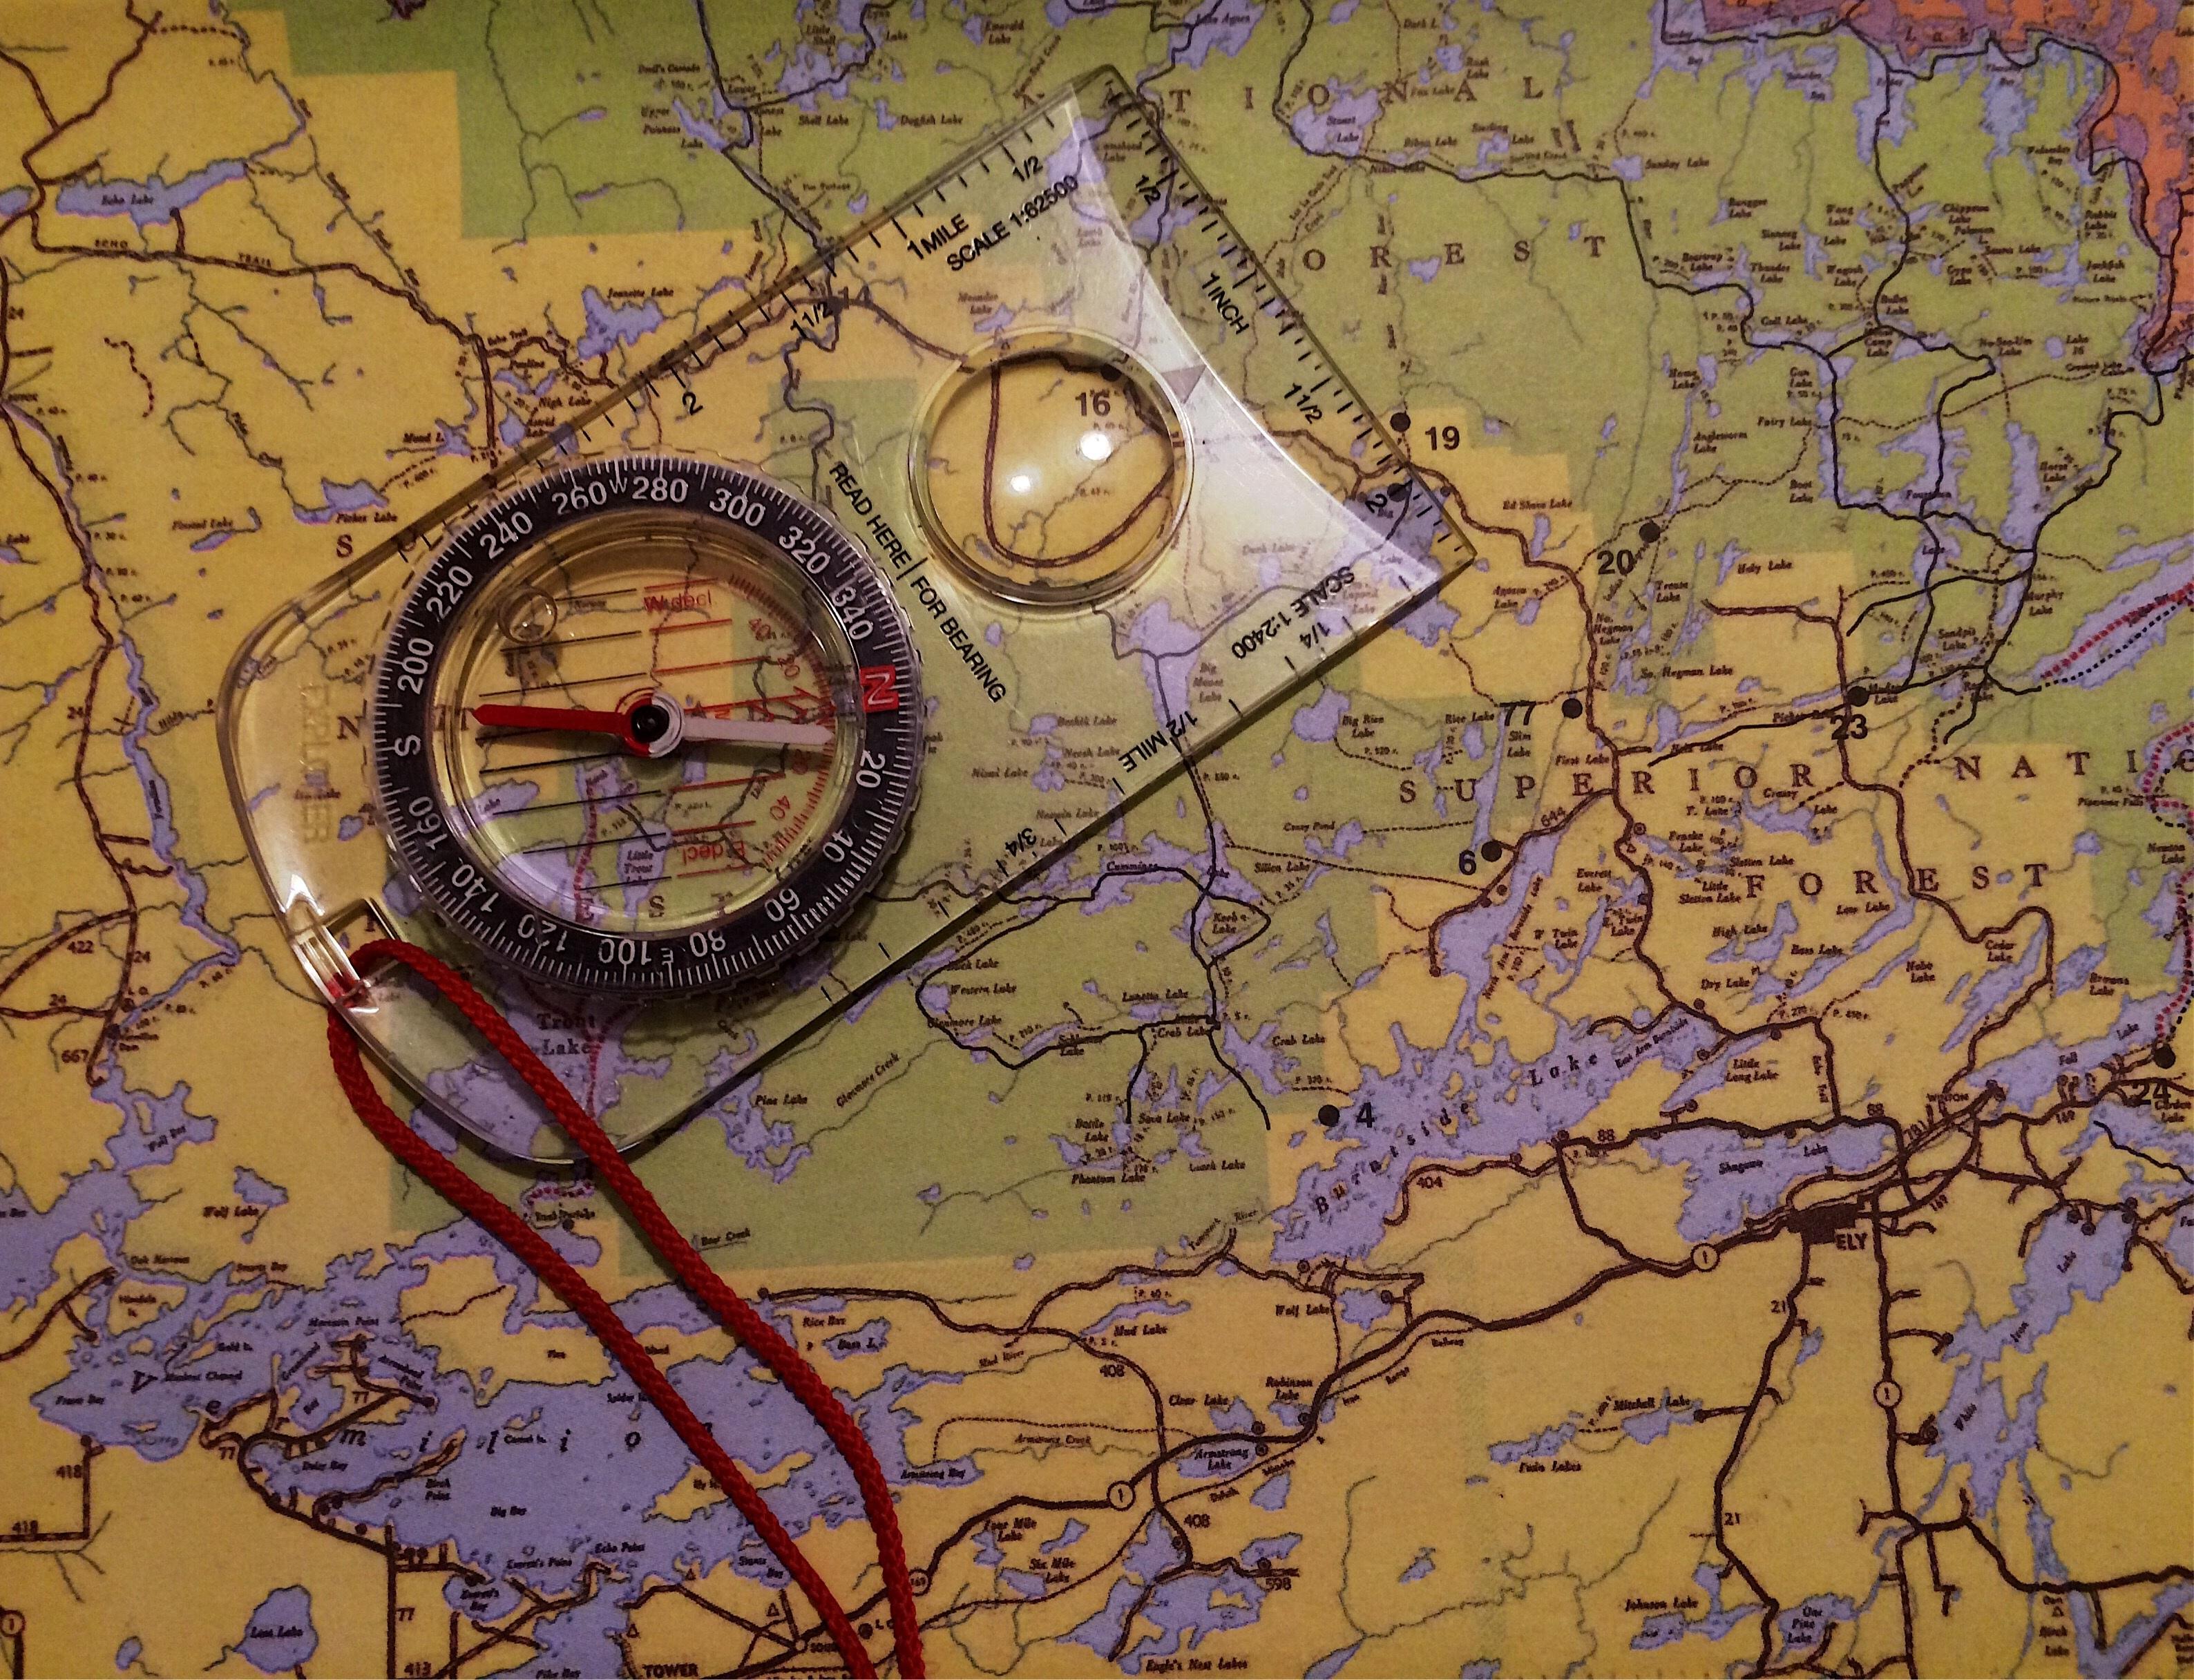 Ilmaisia Kuvia Kuvio Kompassi Kartta Taide Kuva Design